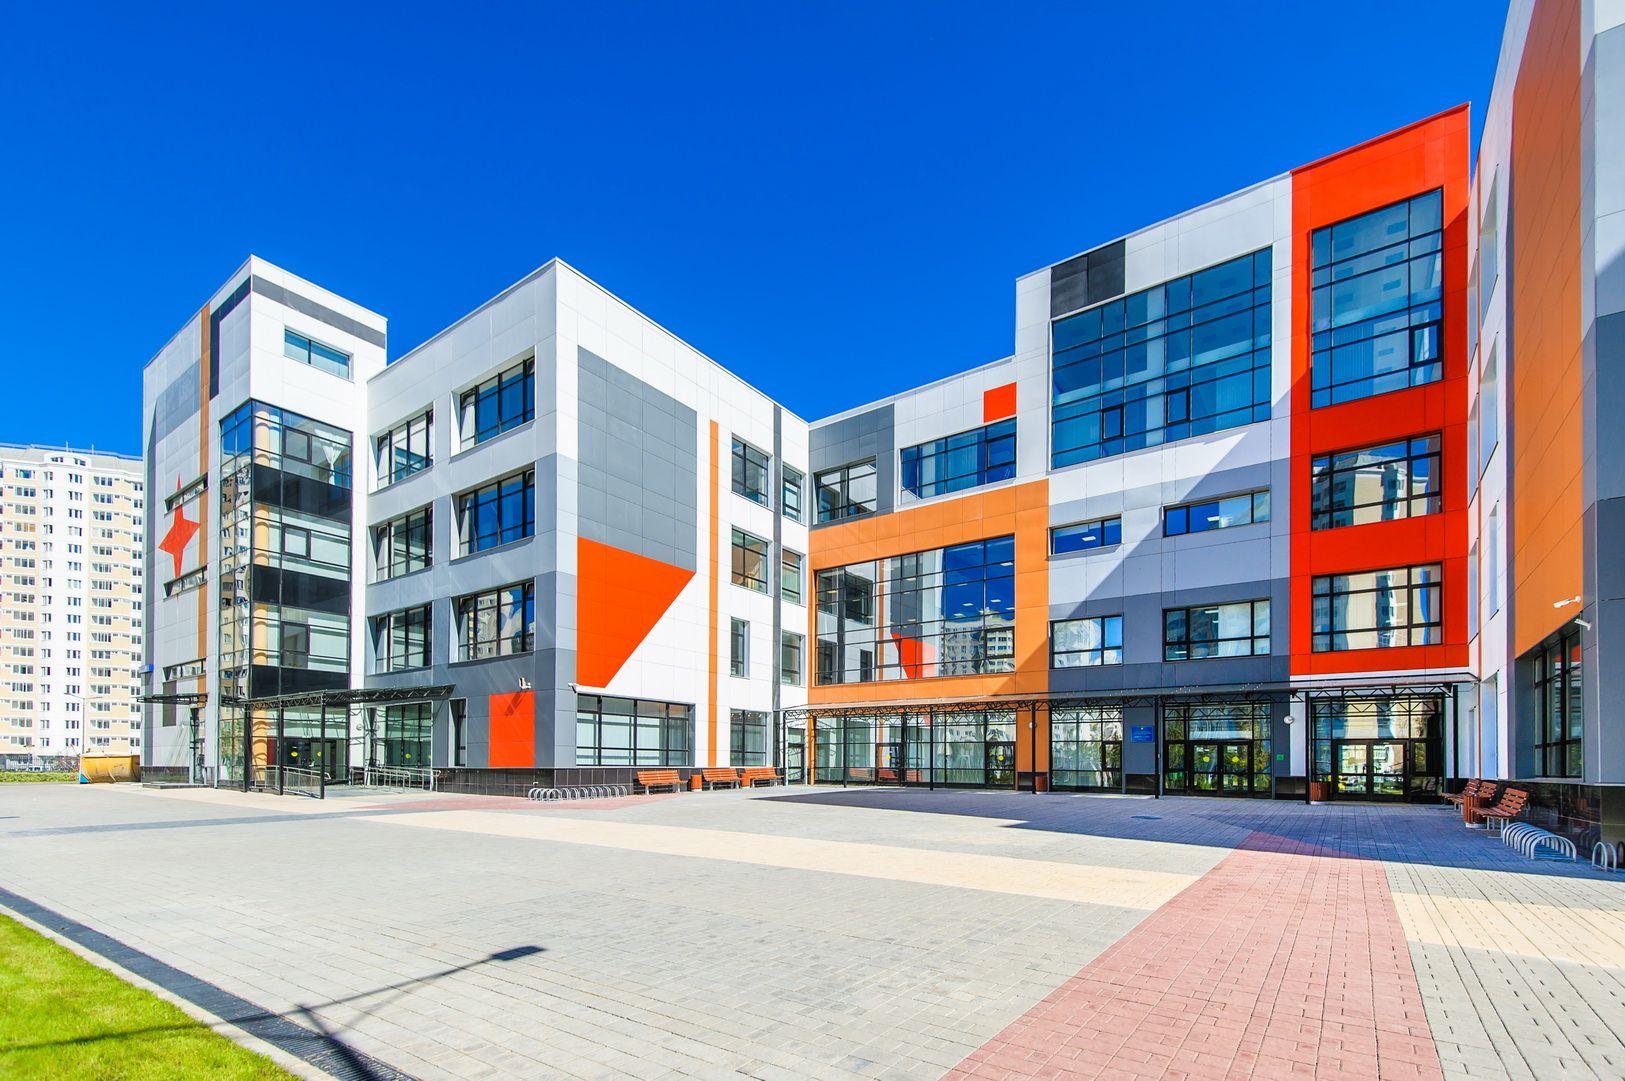 купить квартиру в ЖК Город-парк Первый Московский